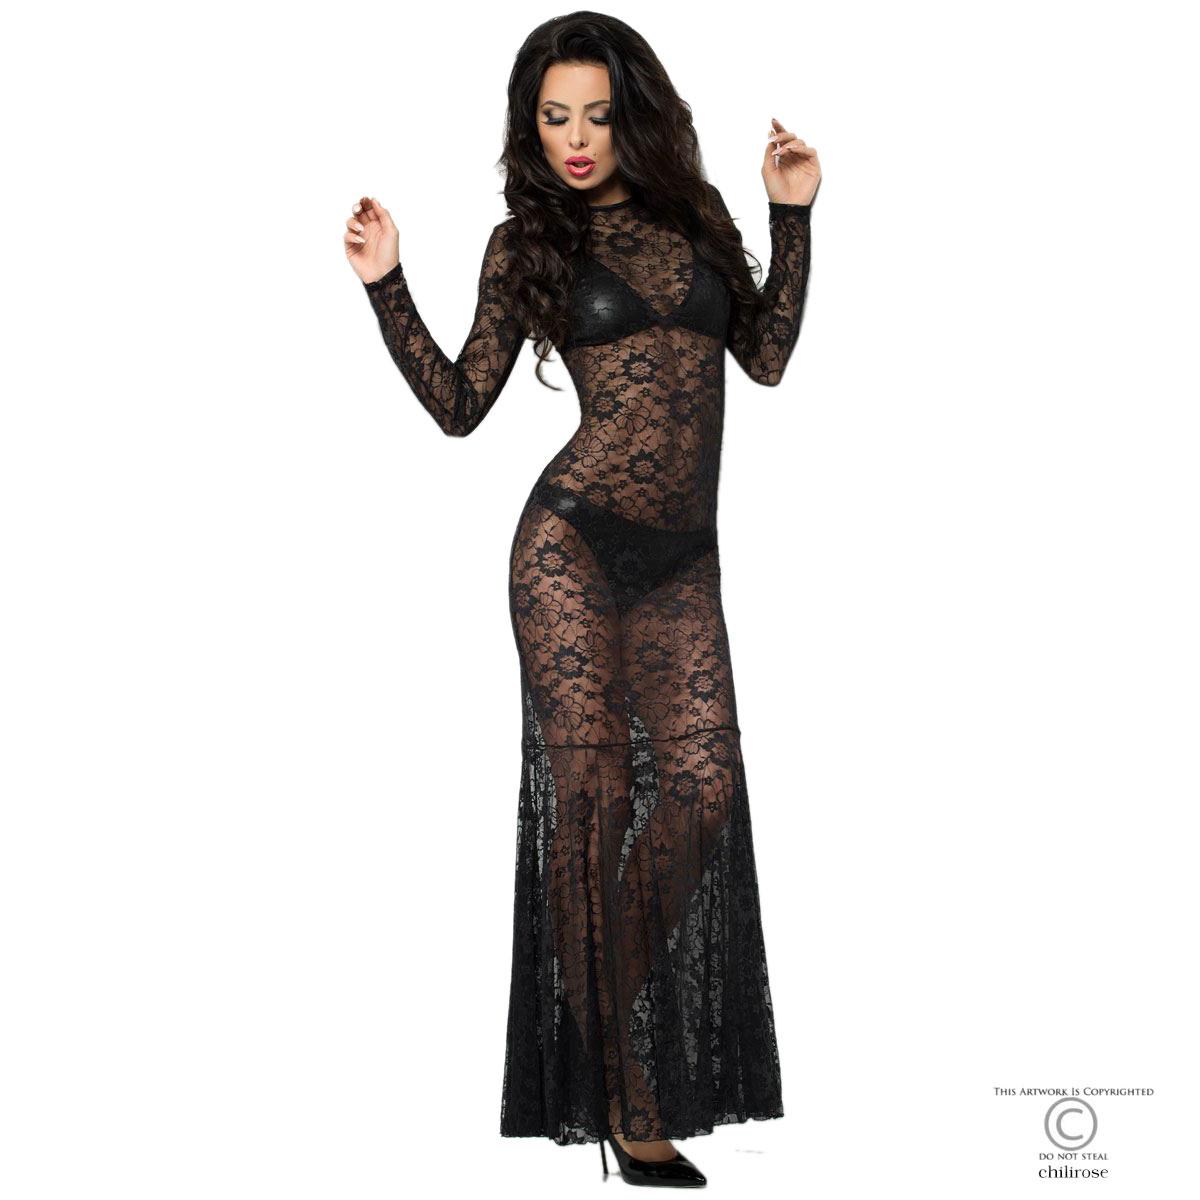 Durchsichtiges Kleid aus Spitze mit BH und Panty